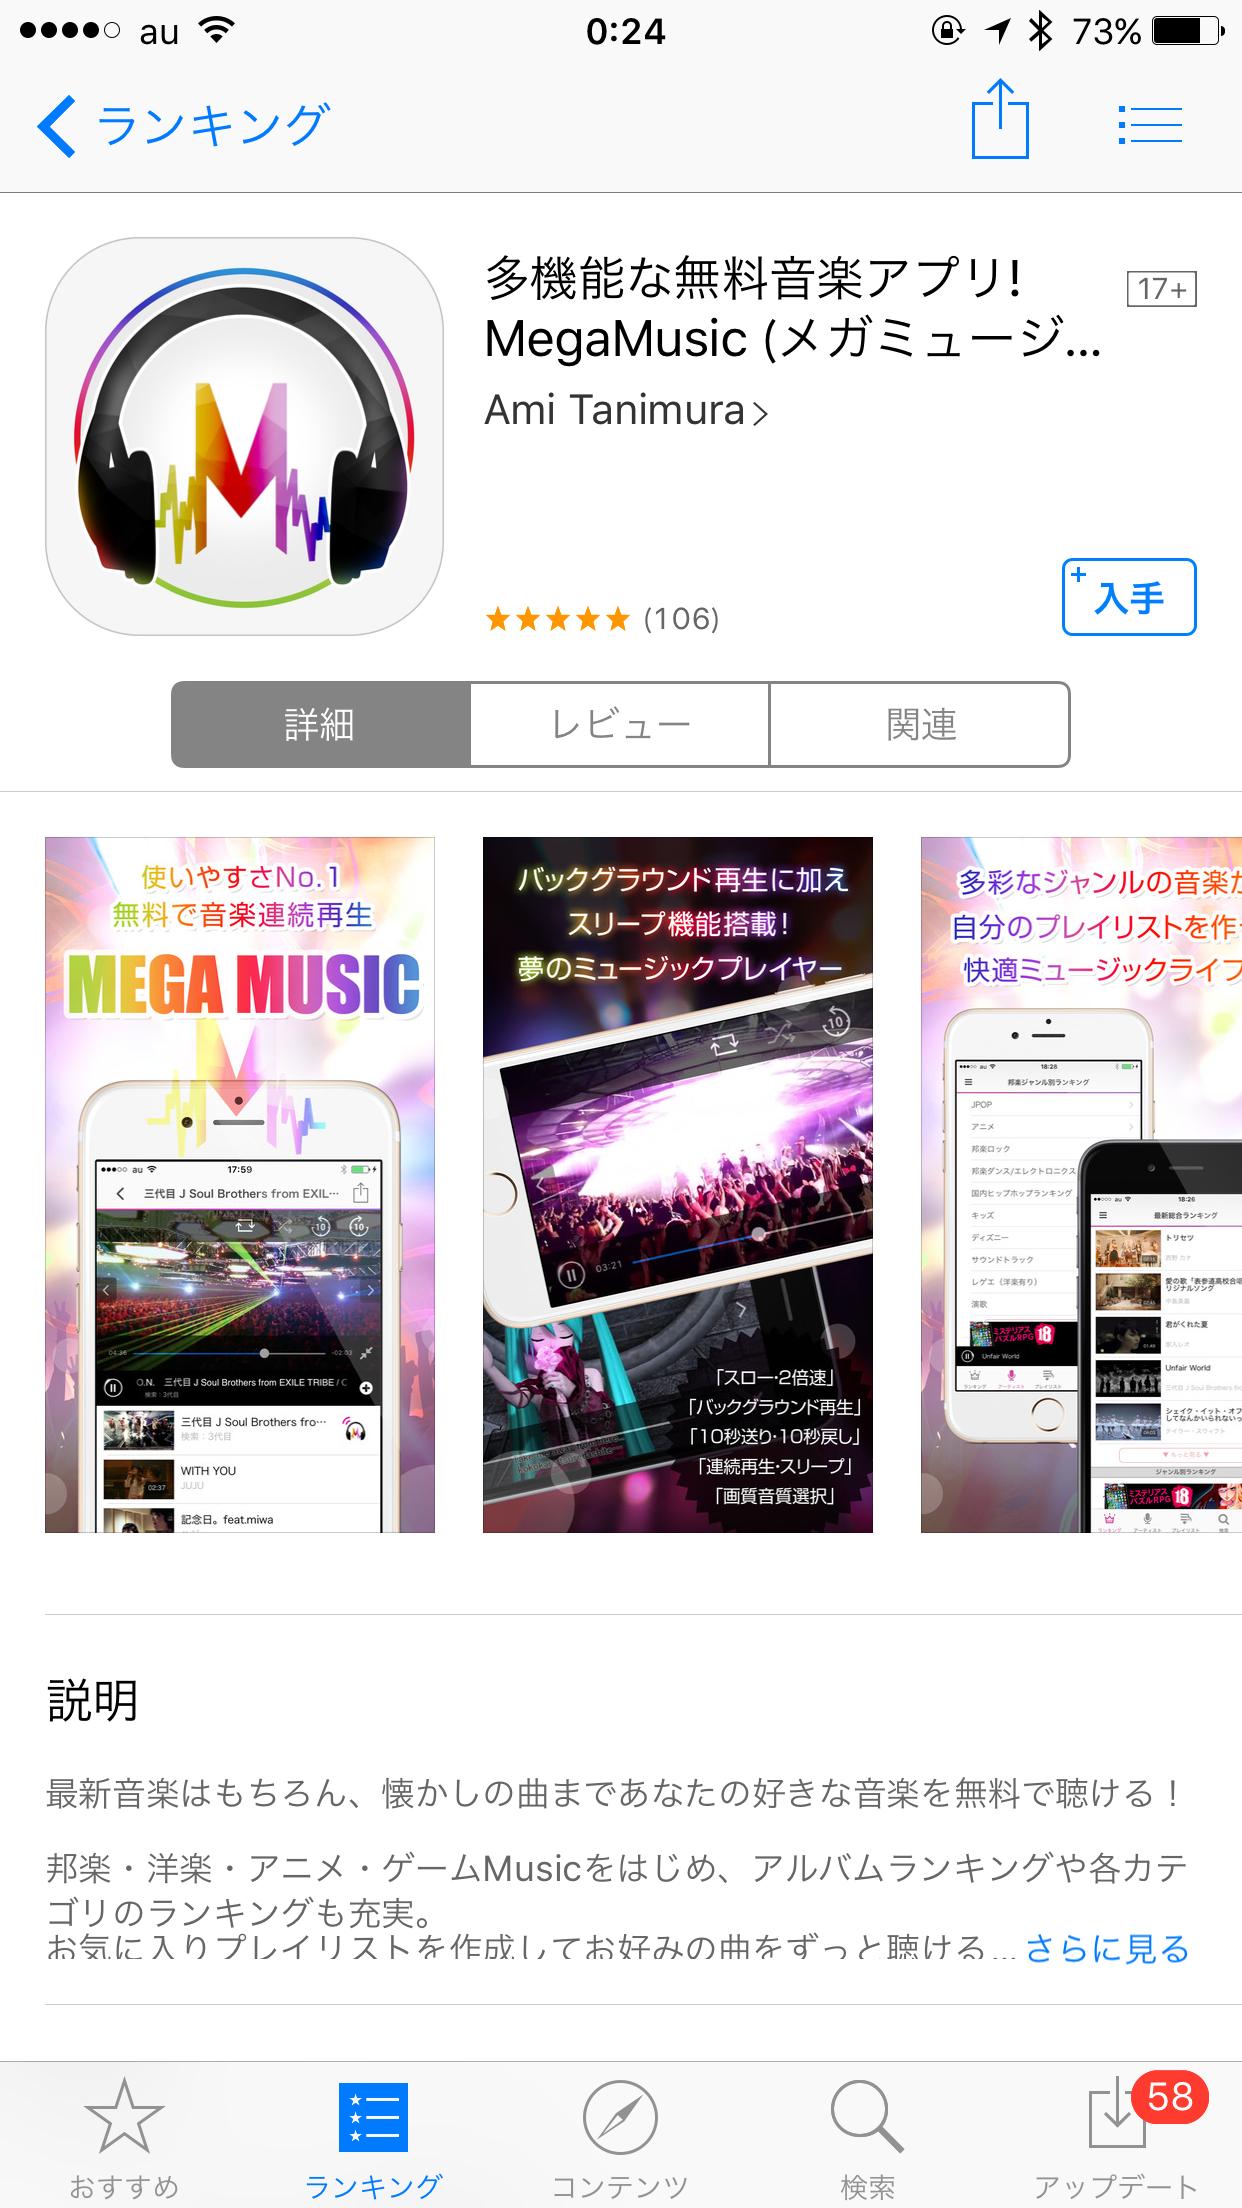 free-music-apps-megamusic